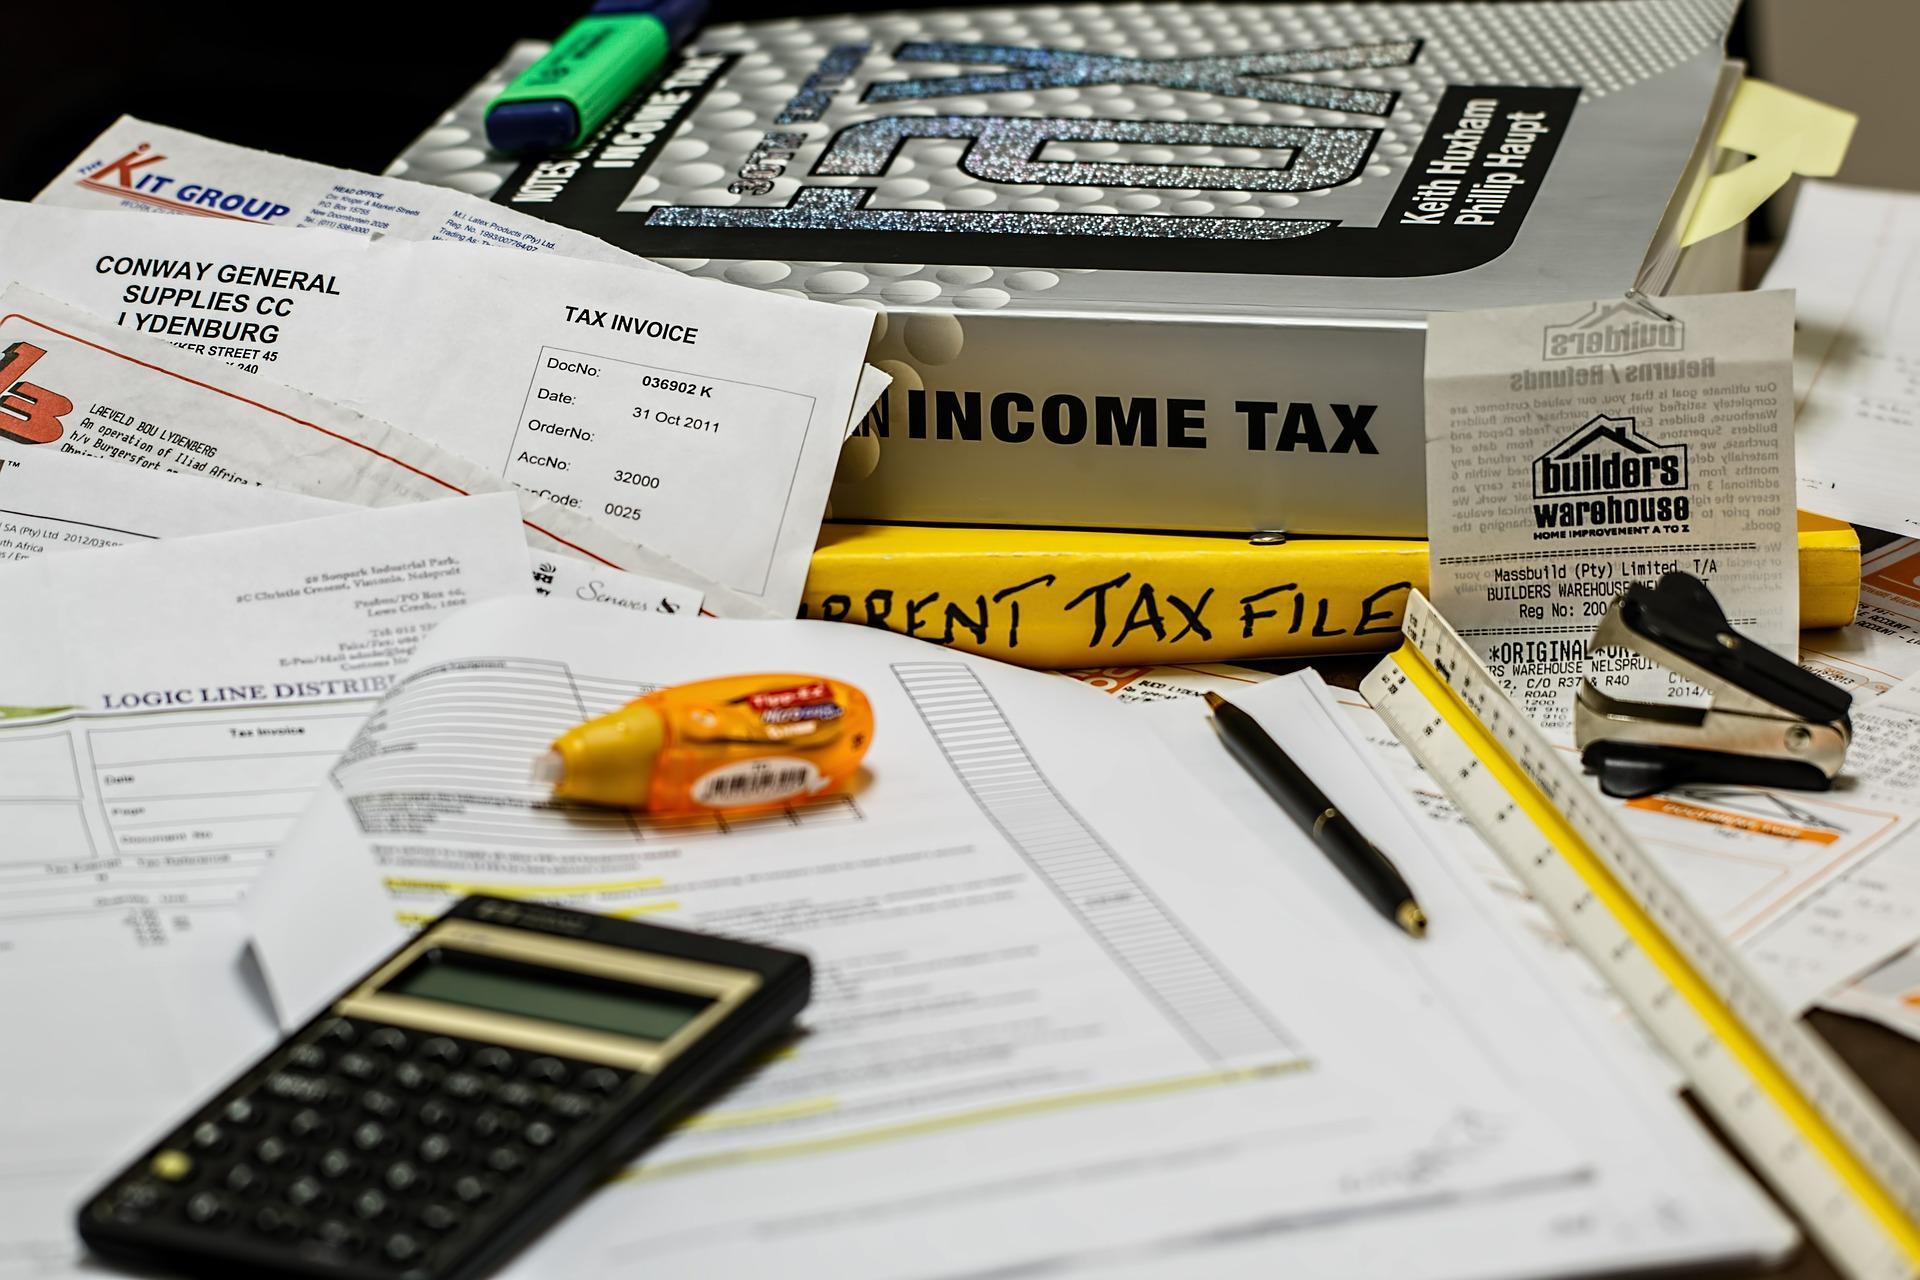 Imagem mostra uma mesa com diversos papeis e livros de contabilidade.